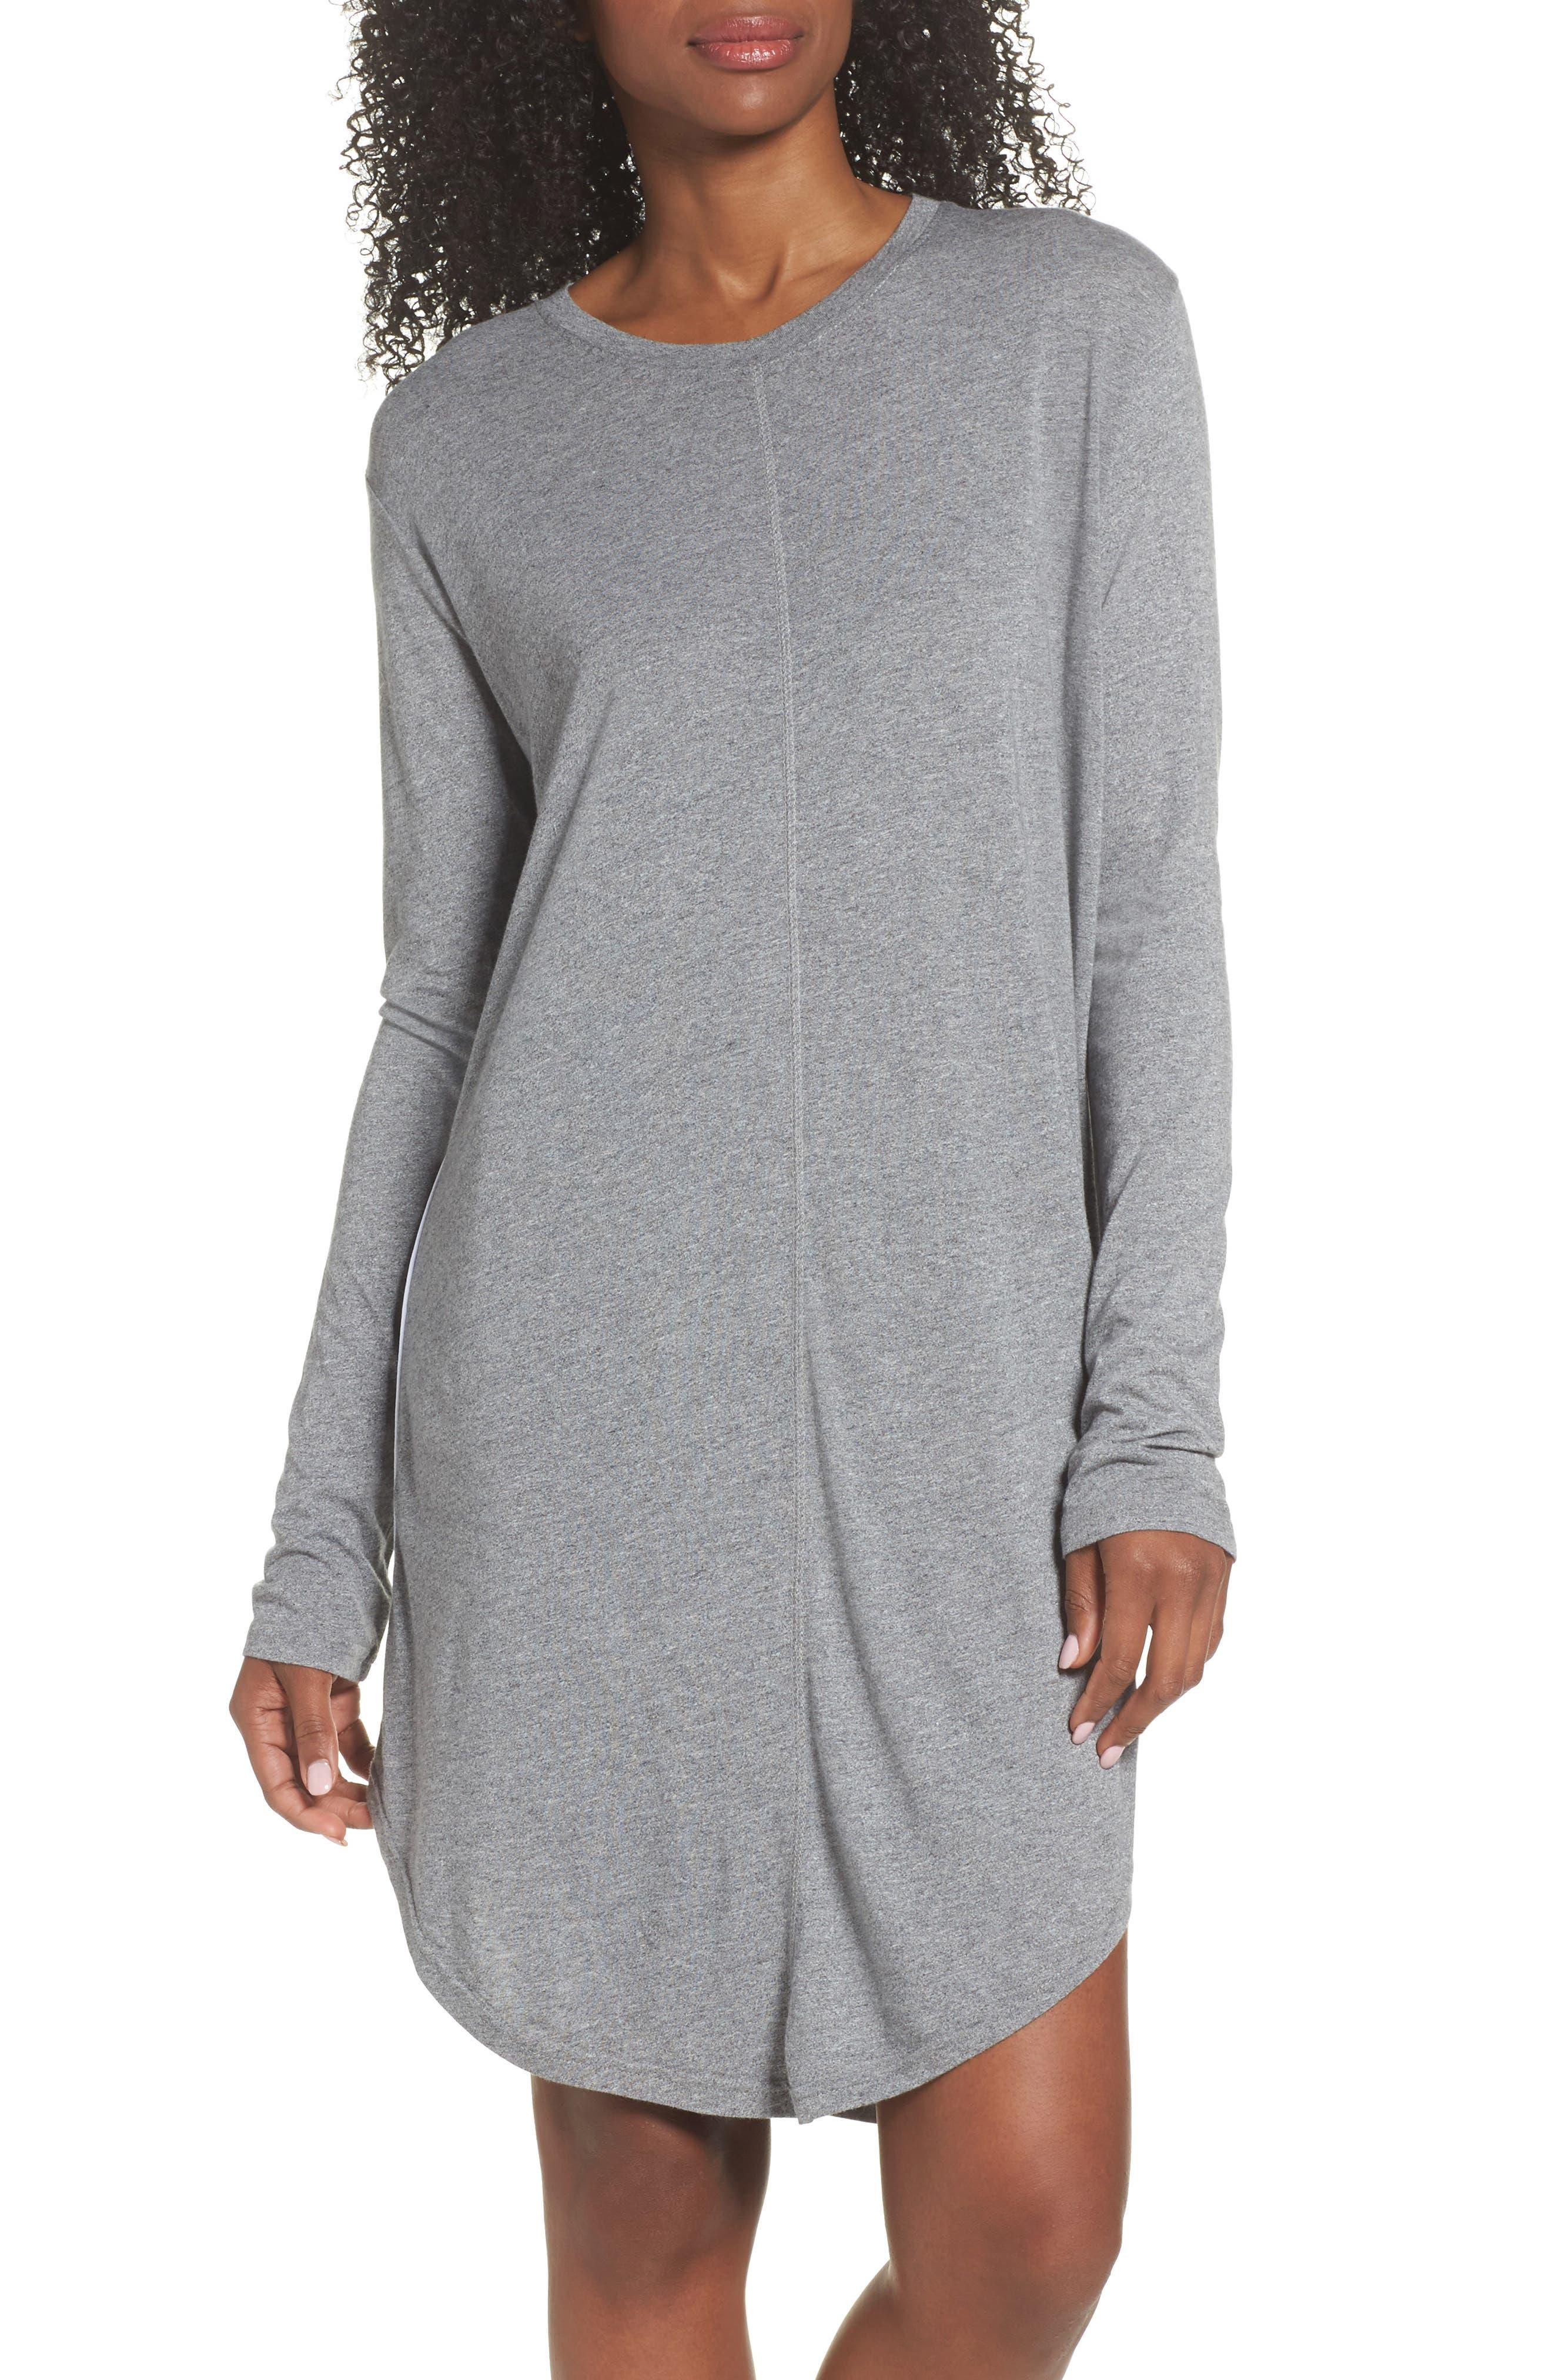 Wednesday Sleep Shirt,                         Main,                         color, 032